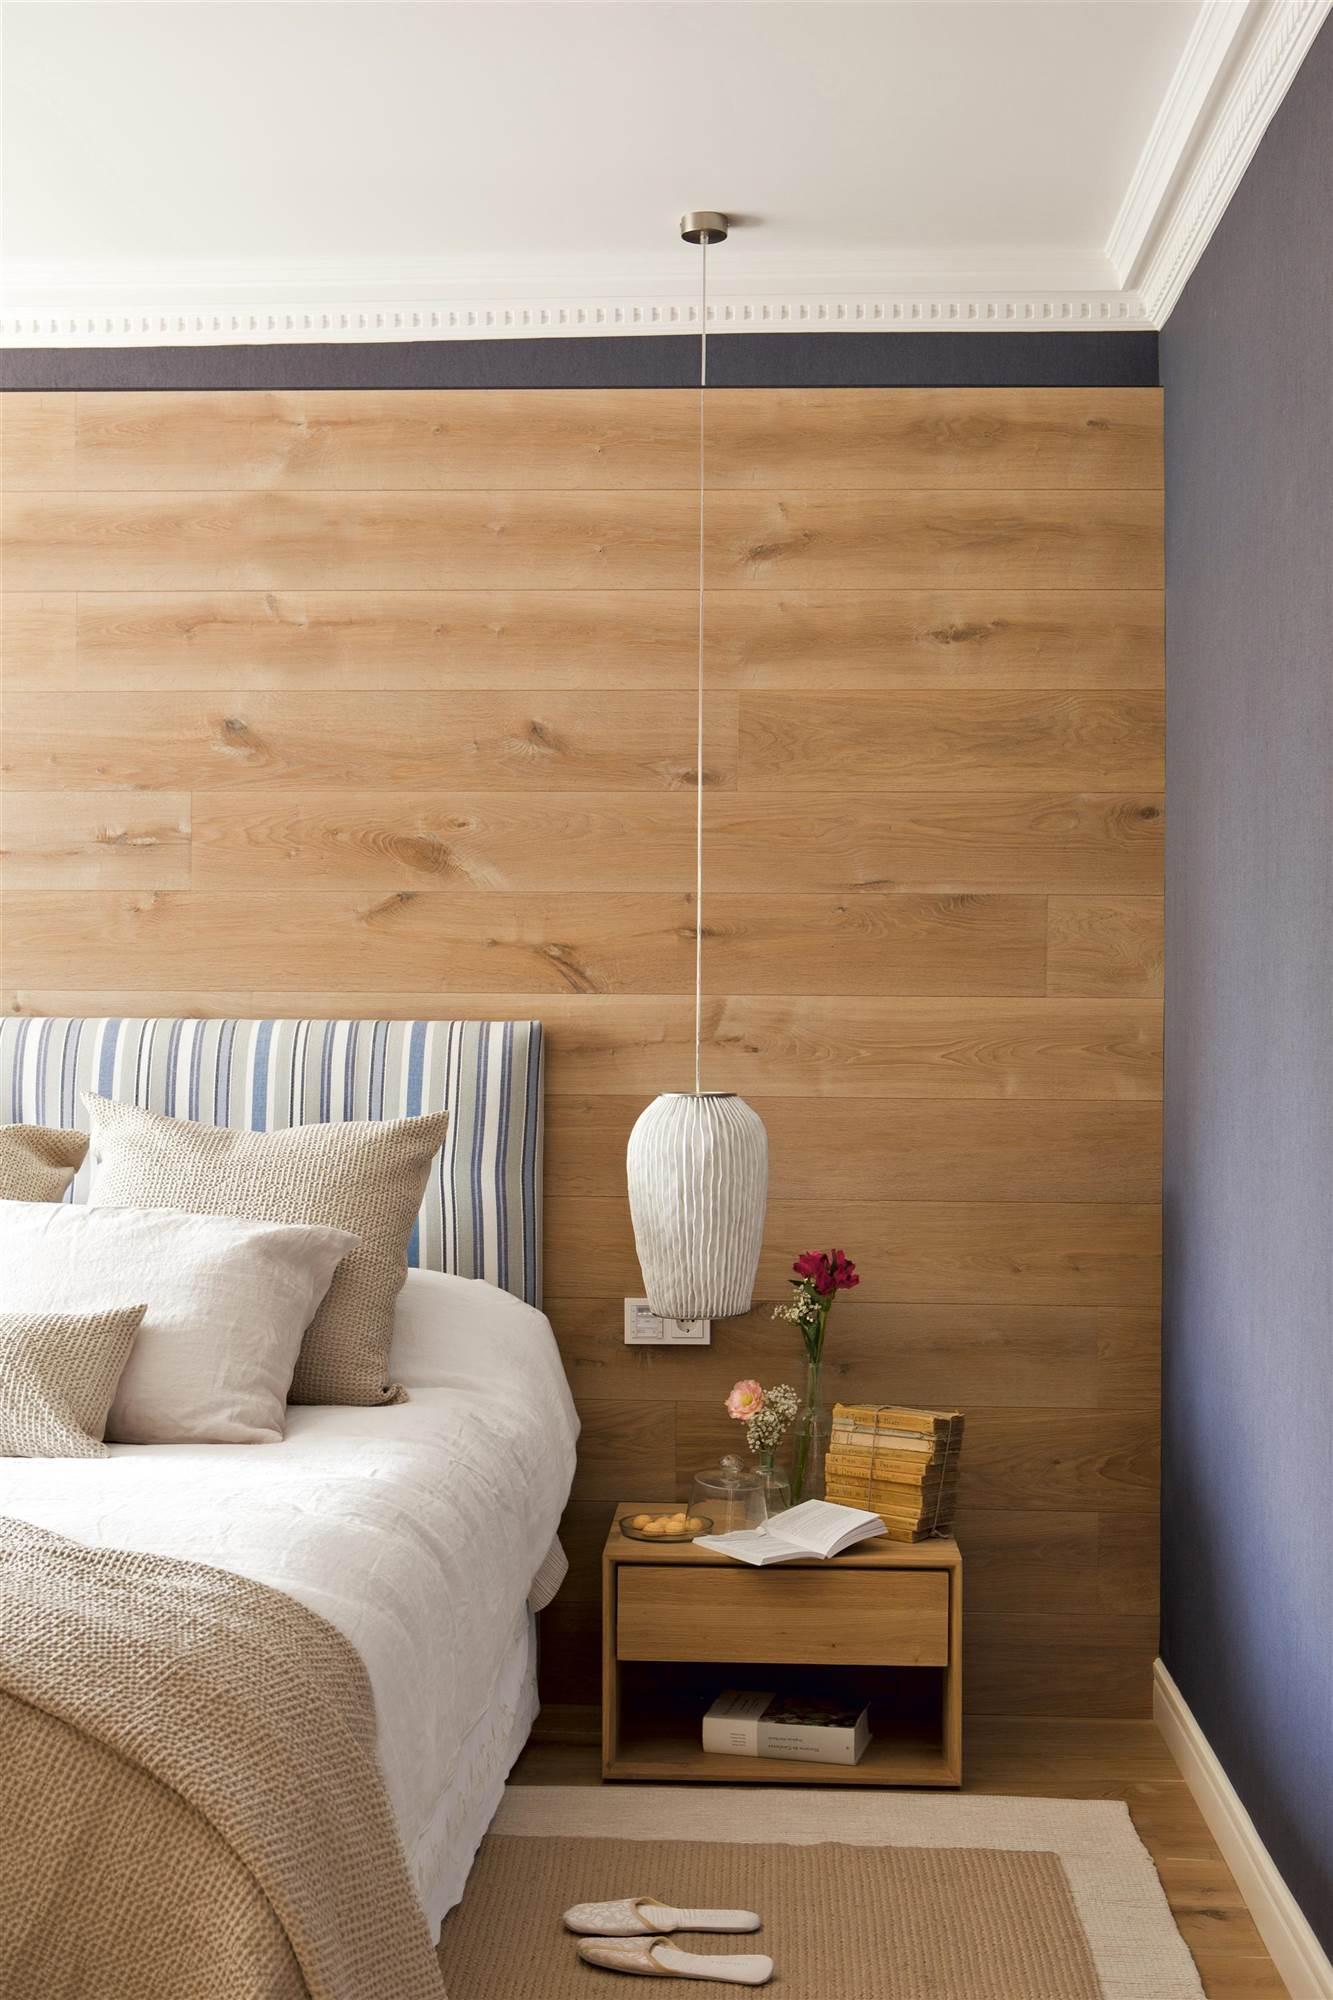 Muebles En Pareja Con Qué Color Combina Mejor La Madera